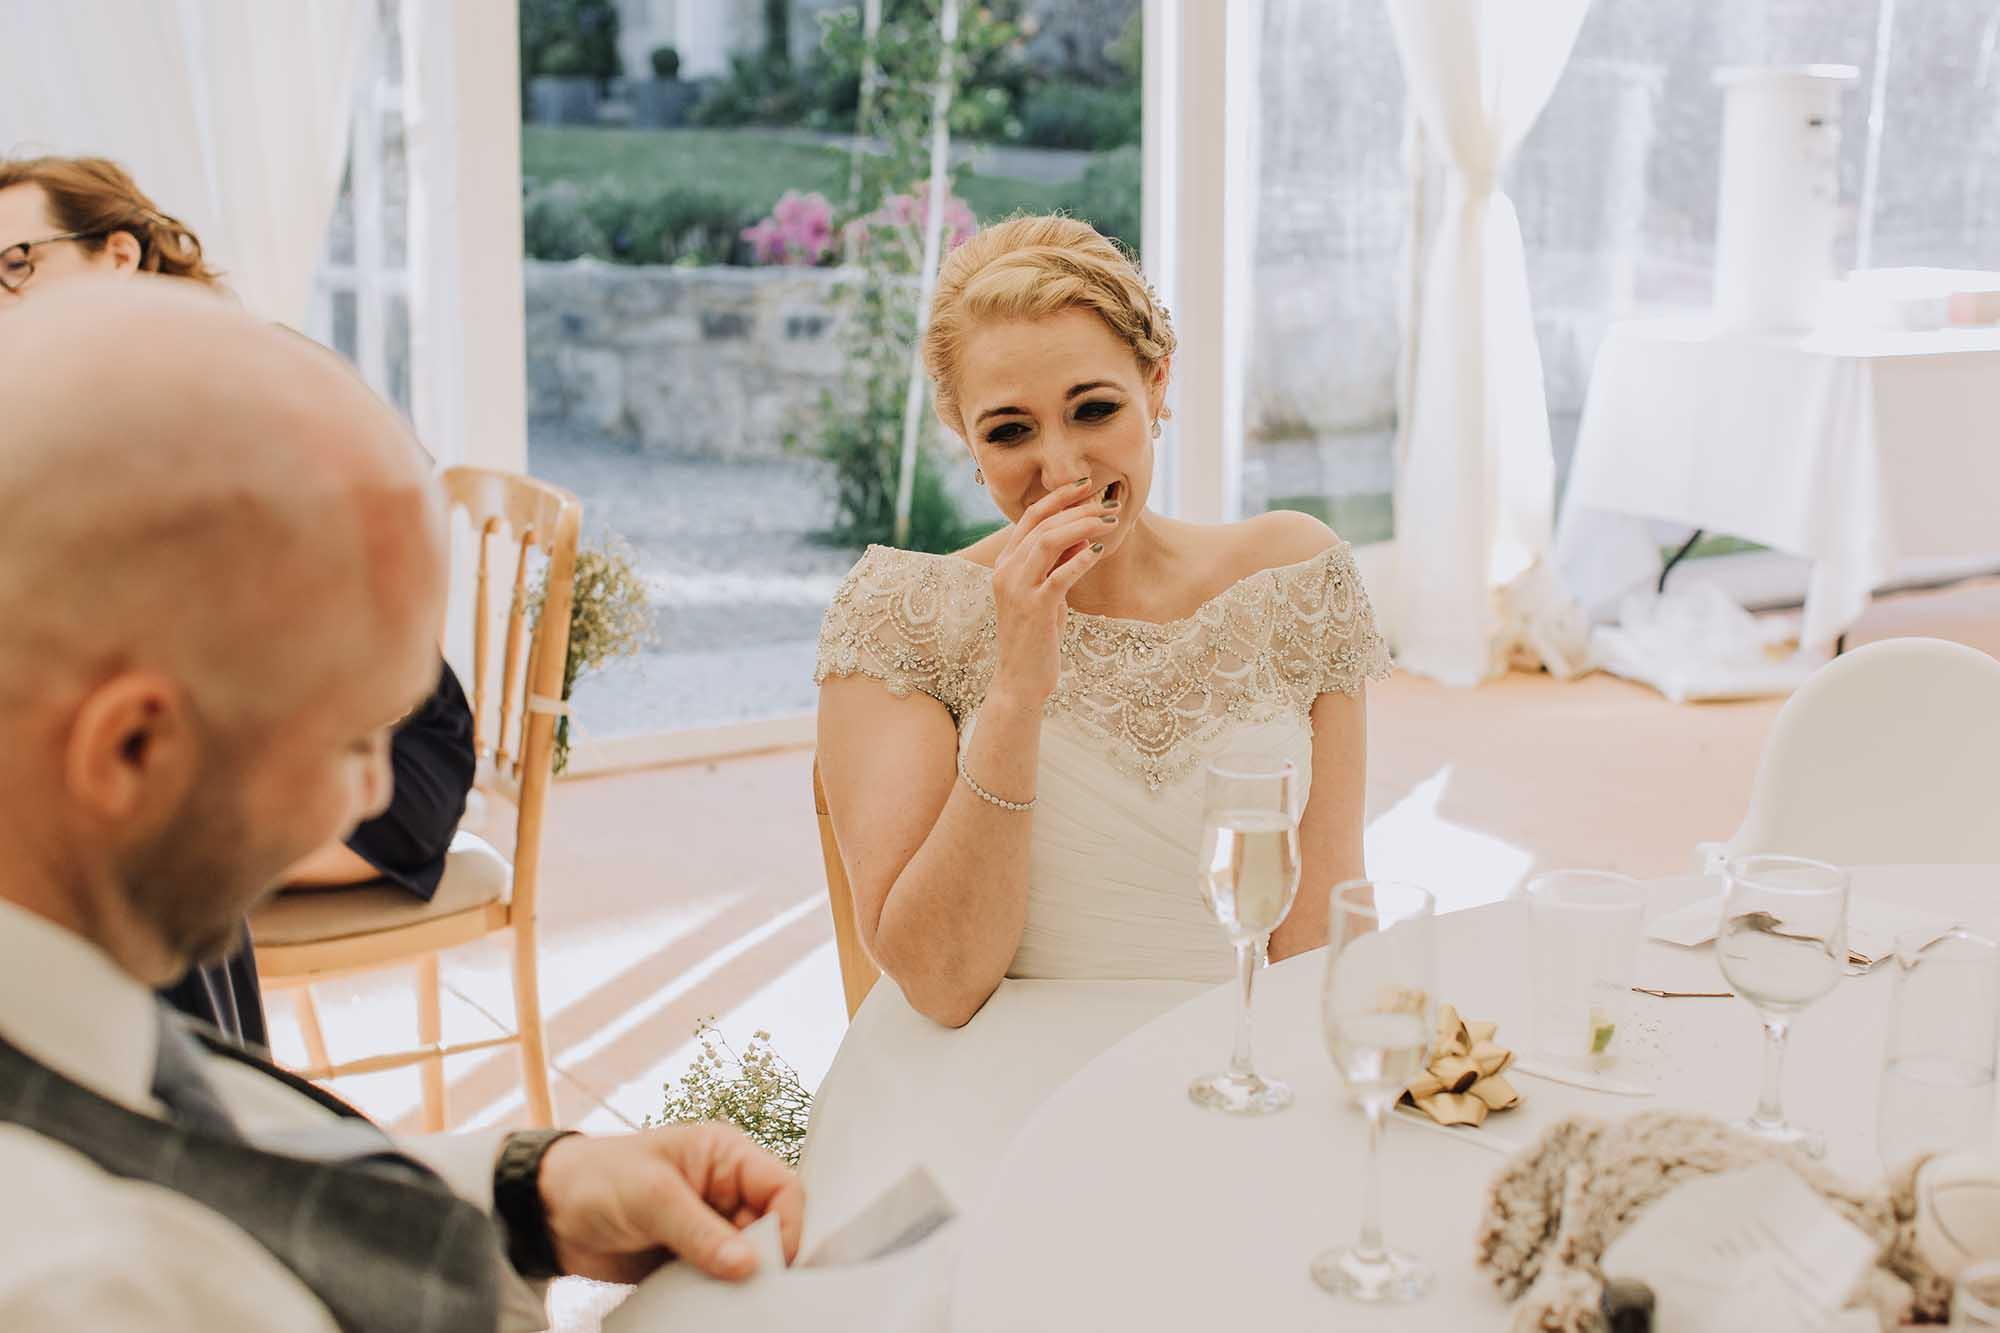 tros yr afon teepee wedding